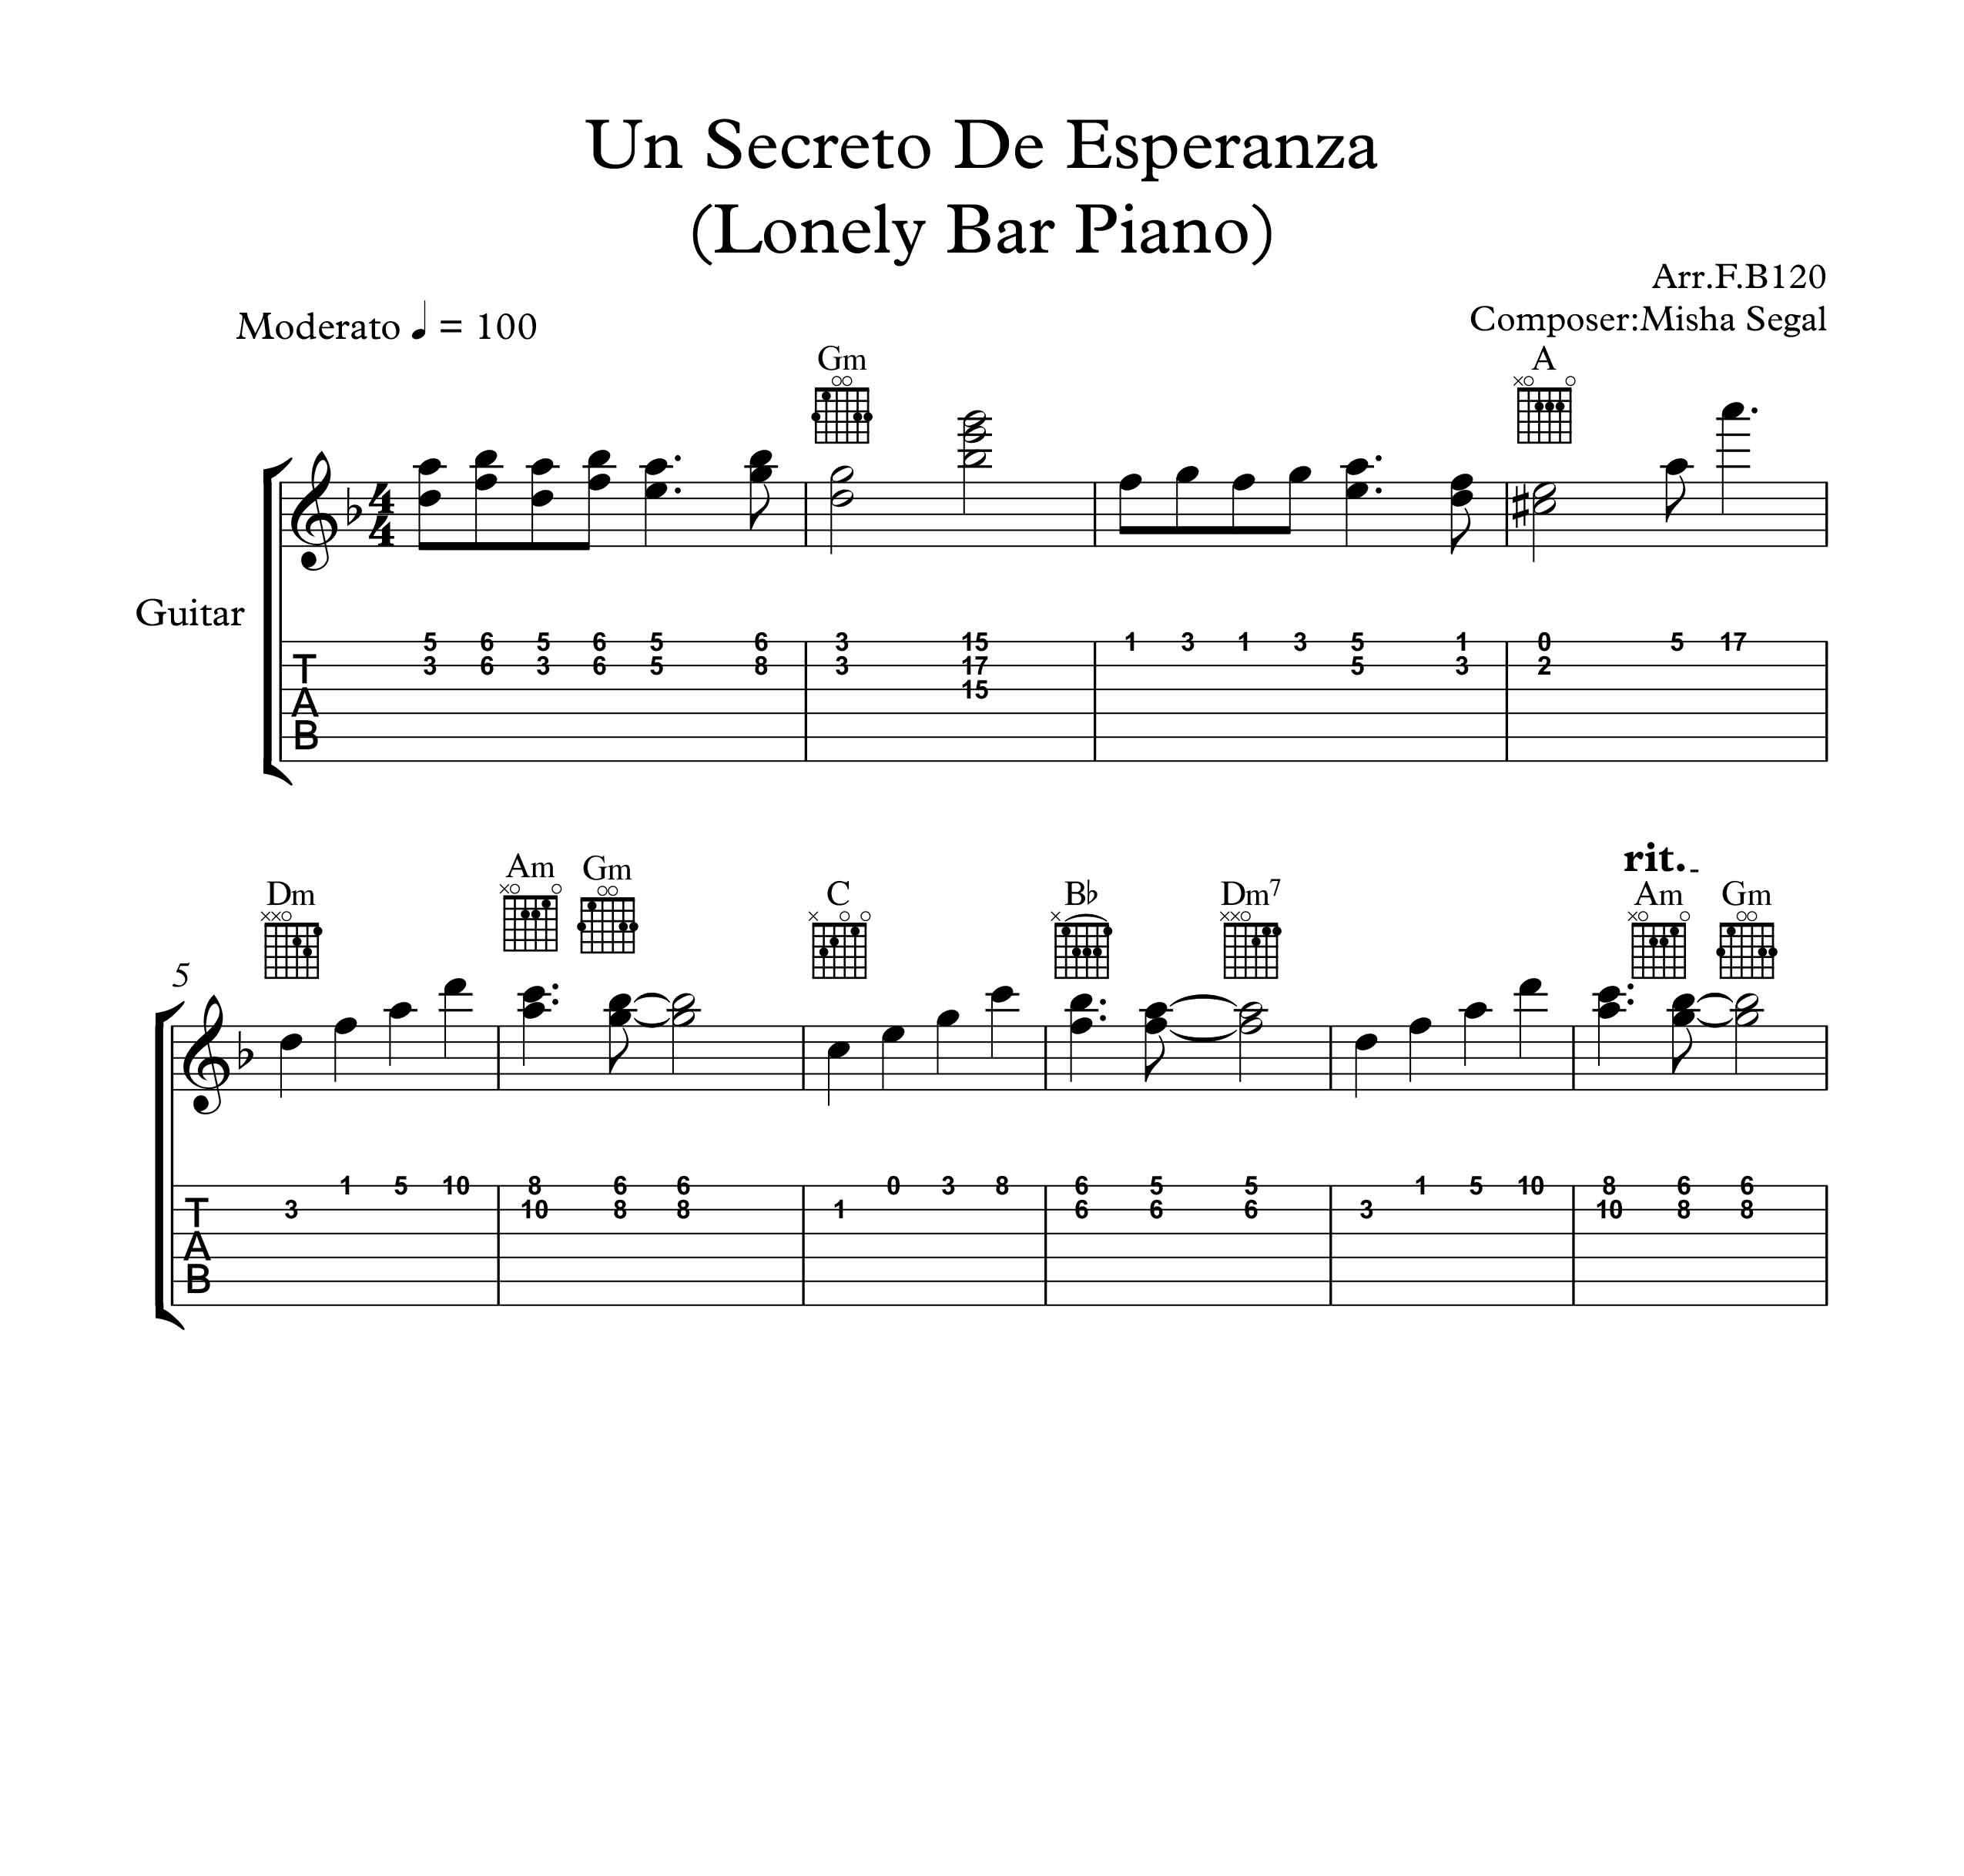 نت و تبلچر آهنگ Un Secreto De Esperanza Lonely Bar Piano  برای گیتار به همراه آکورد